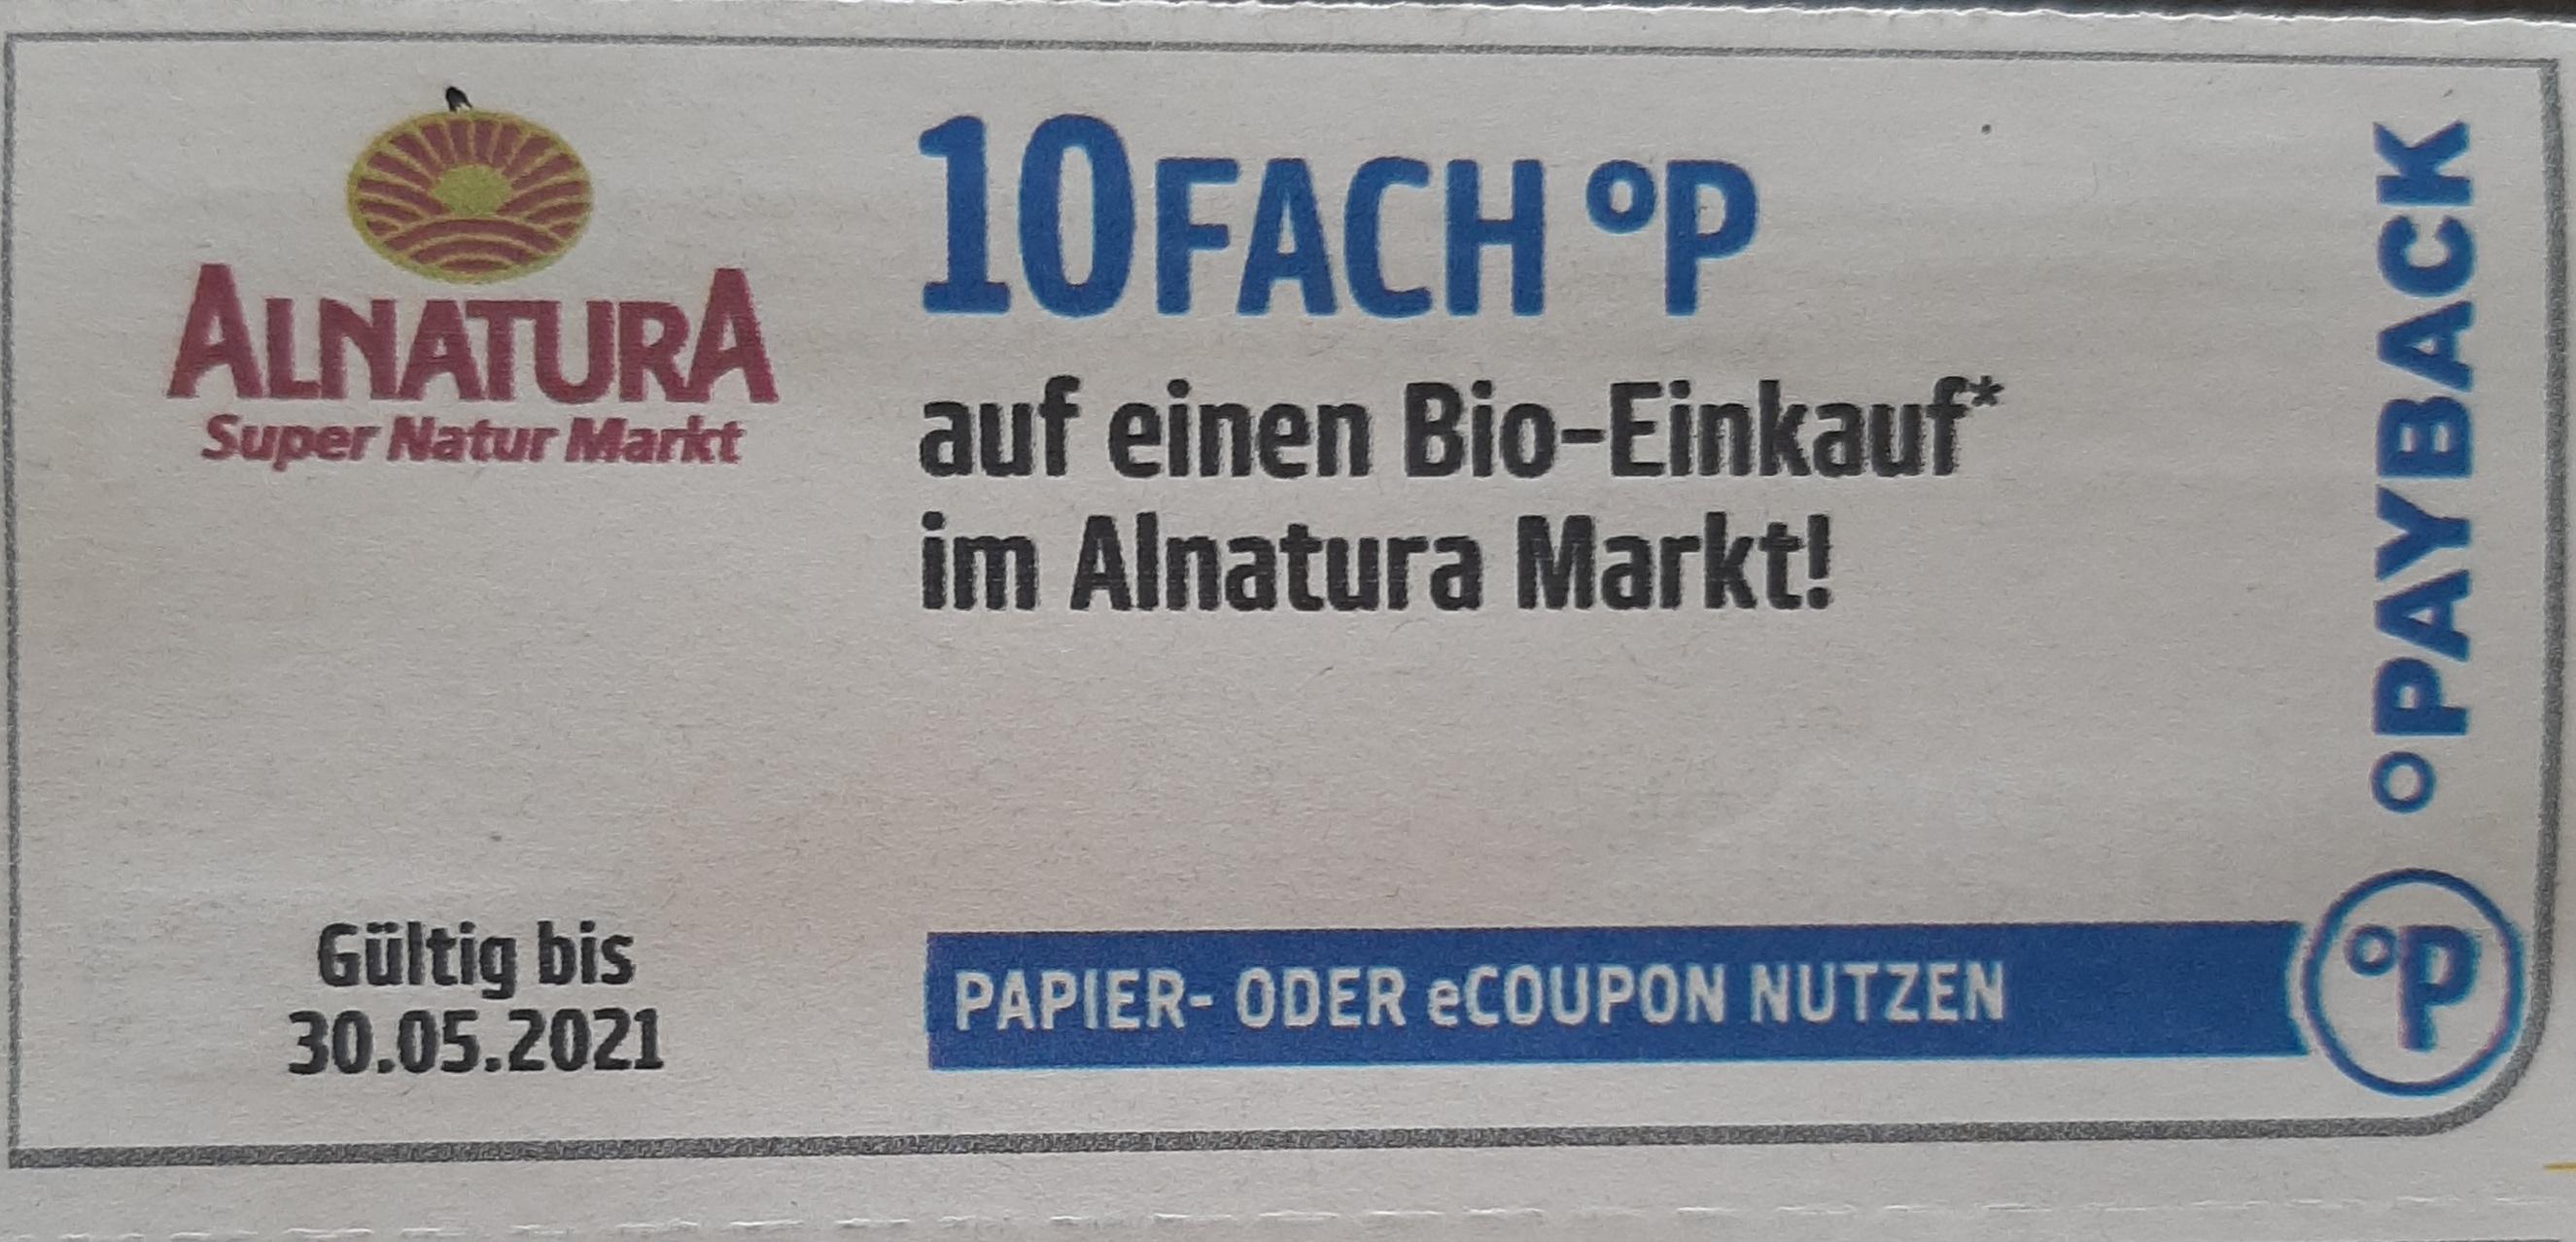 Alnatura 10fach°P Payback auf einen Bio-Einkauf